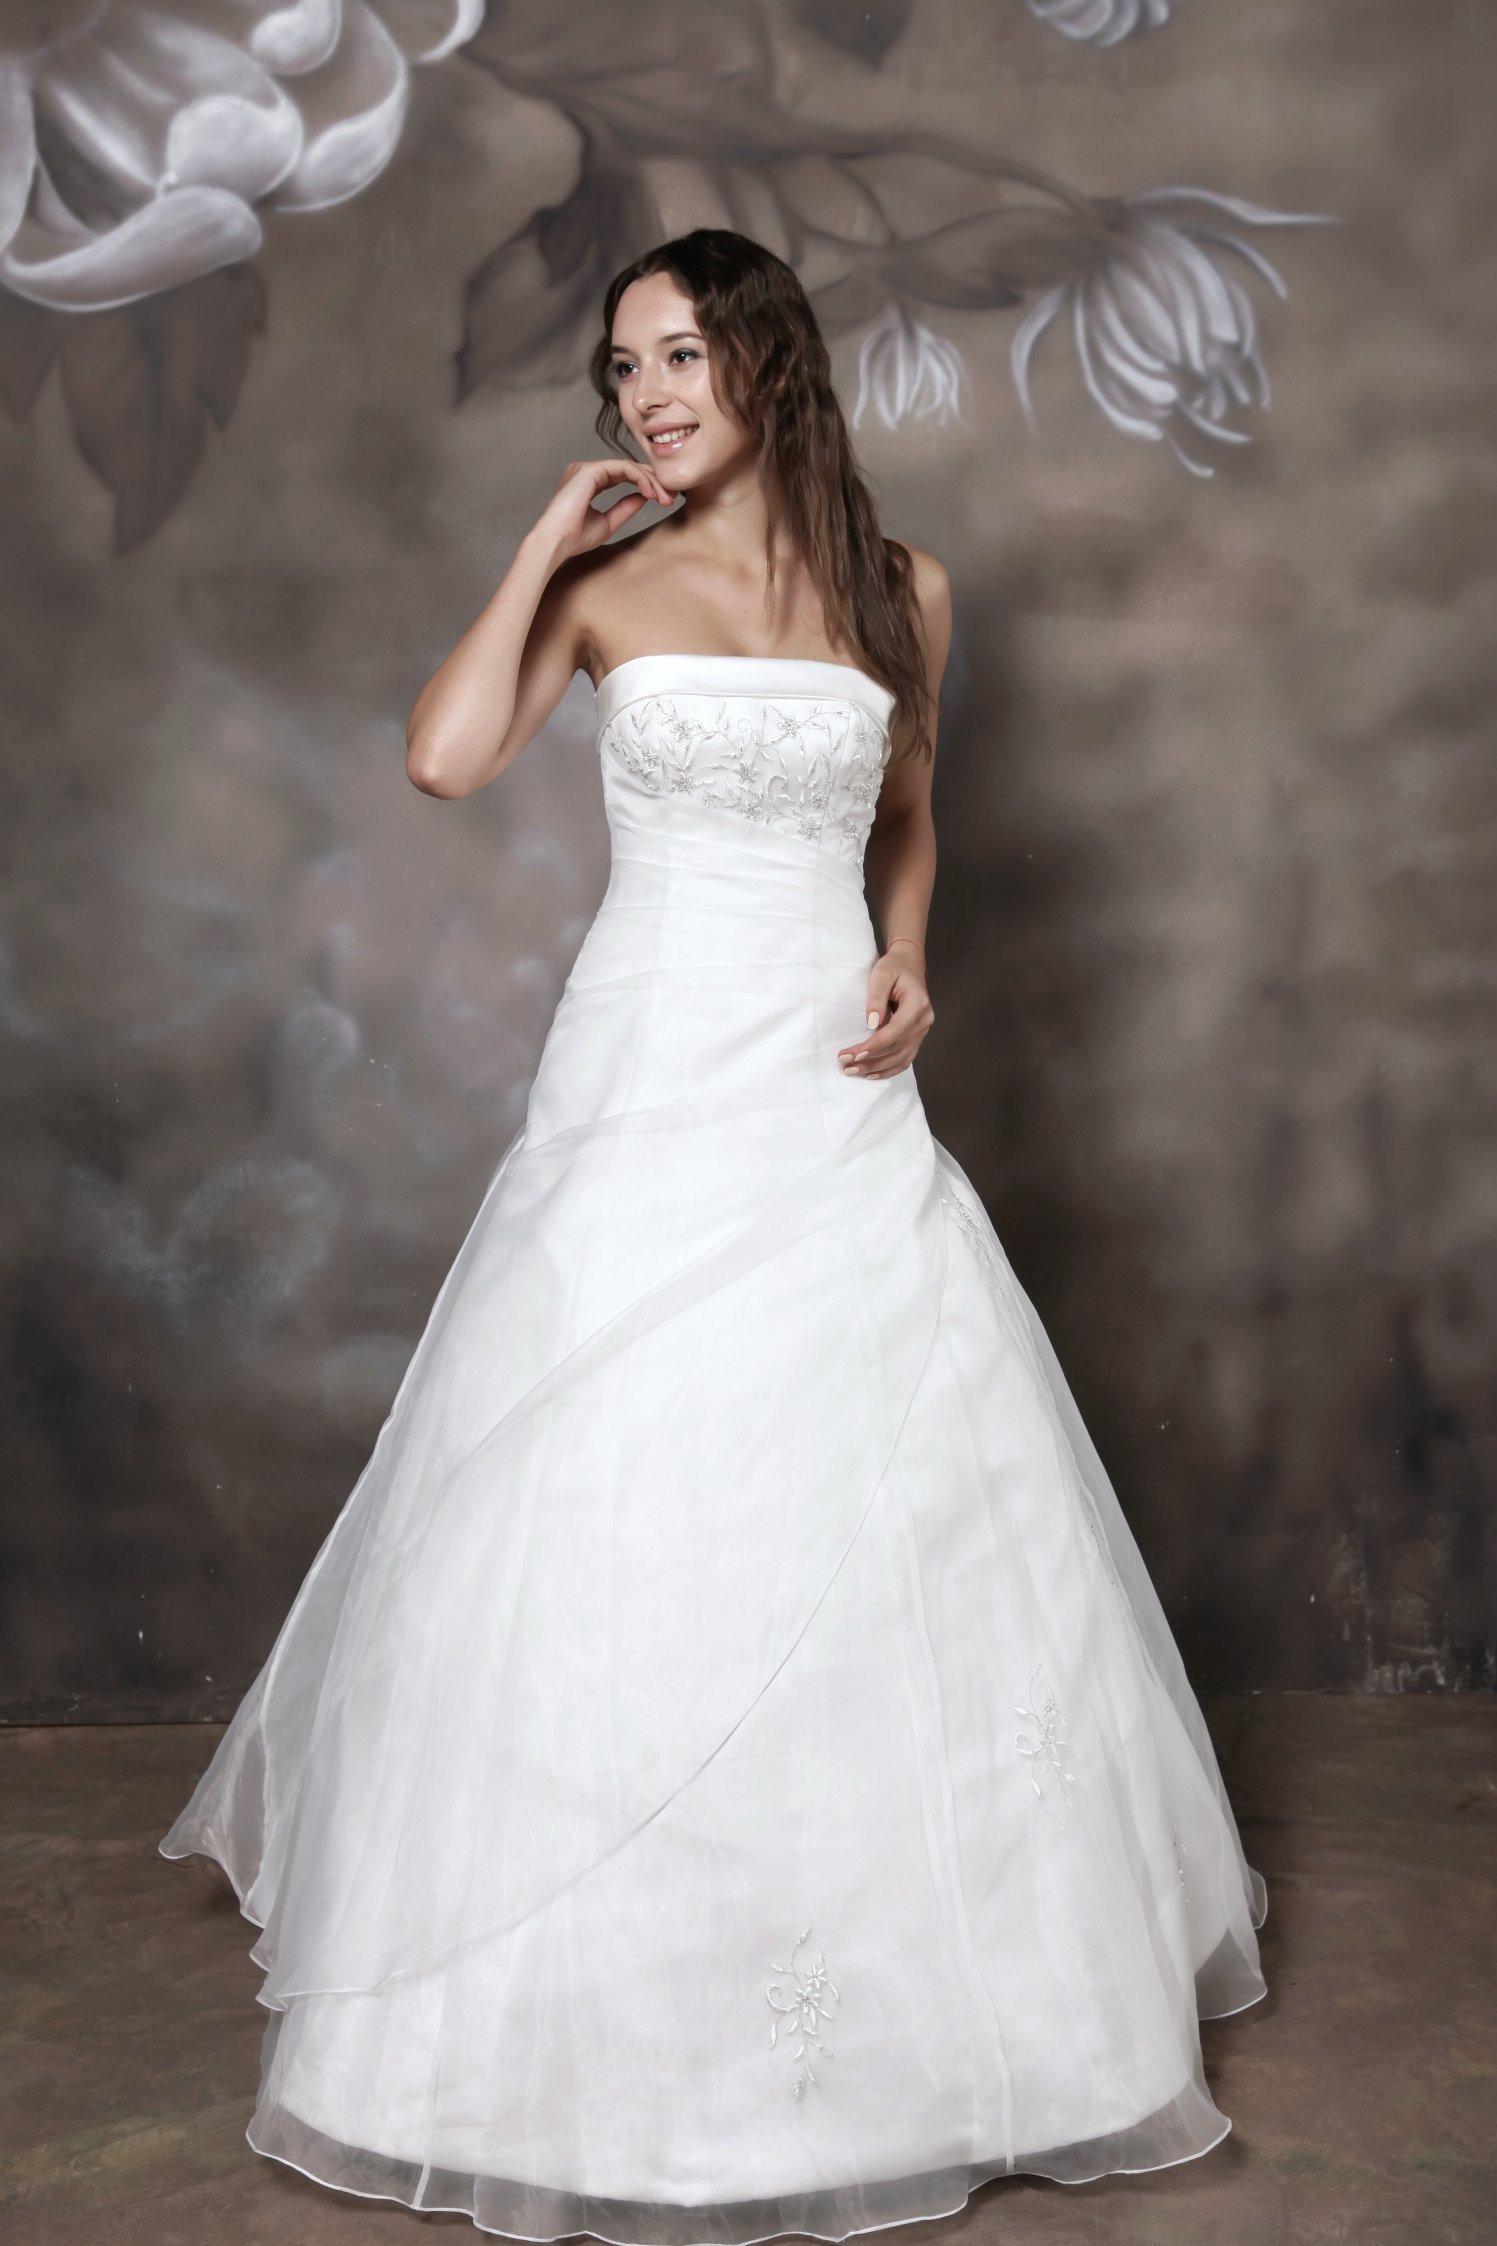 10 Erstaunlich Brautkleider Outlet VertriebAbend Elegant Brautkleider Outlet Stylish